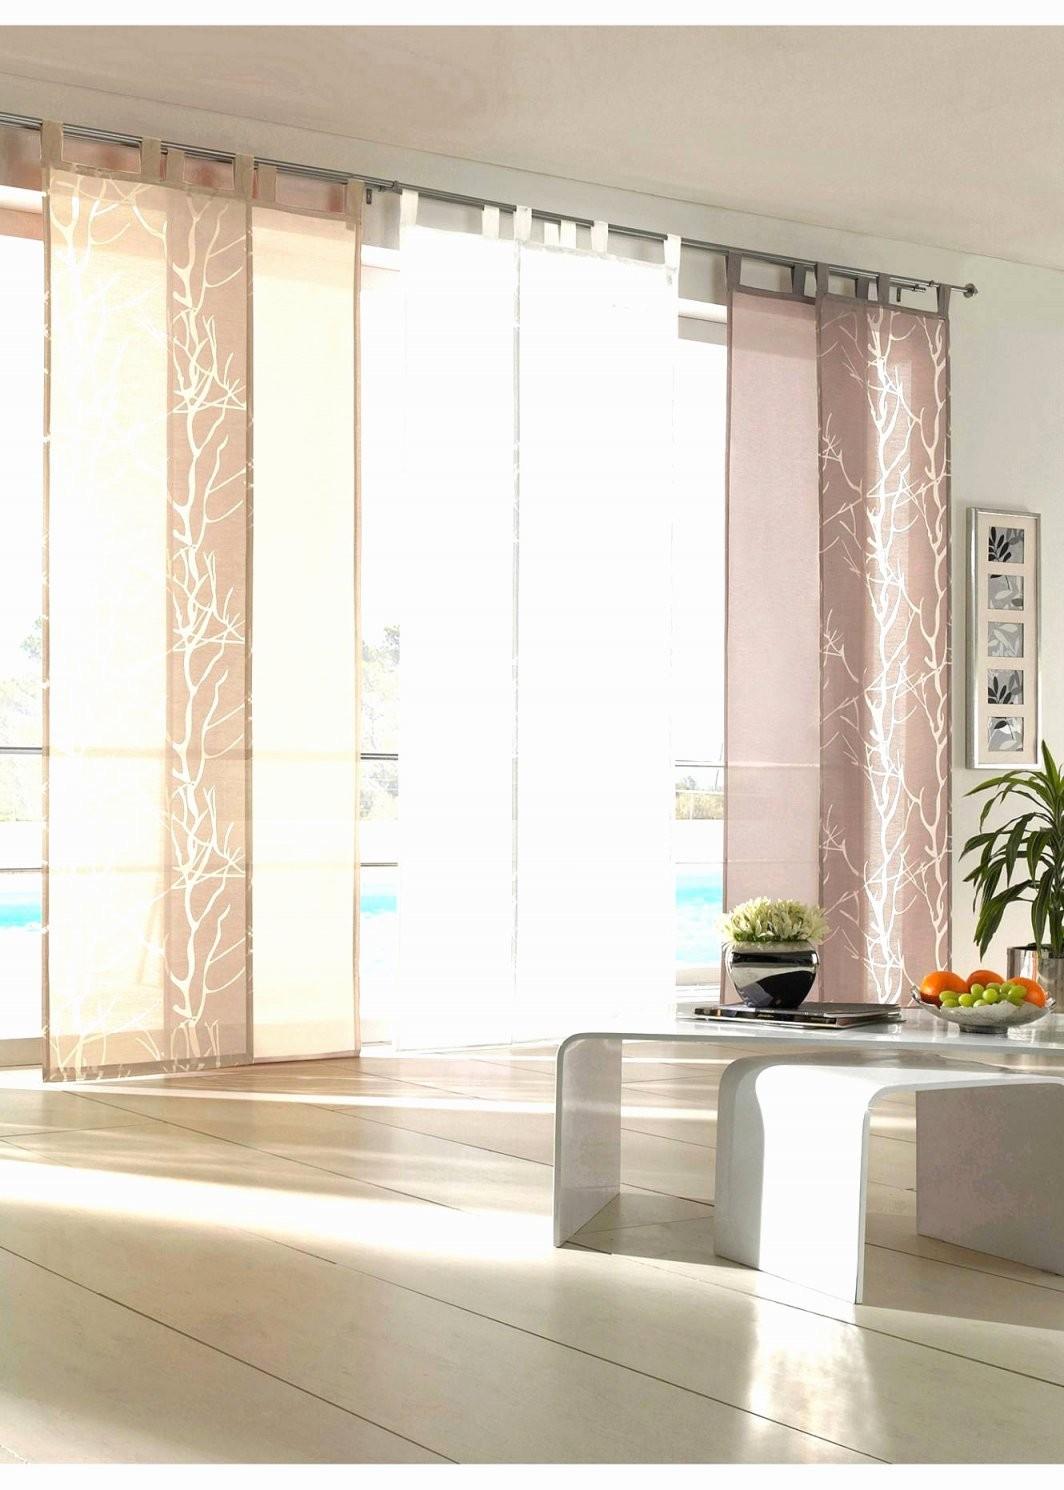 Bodentiefe Fenster Awesome Fenster Gardinen Ideen Gardinen